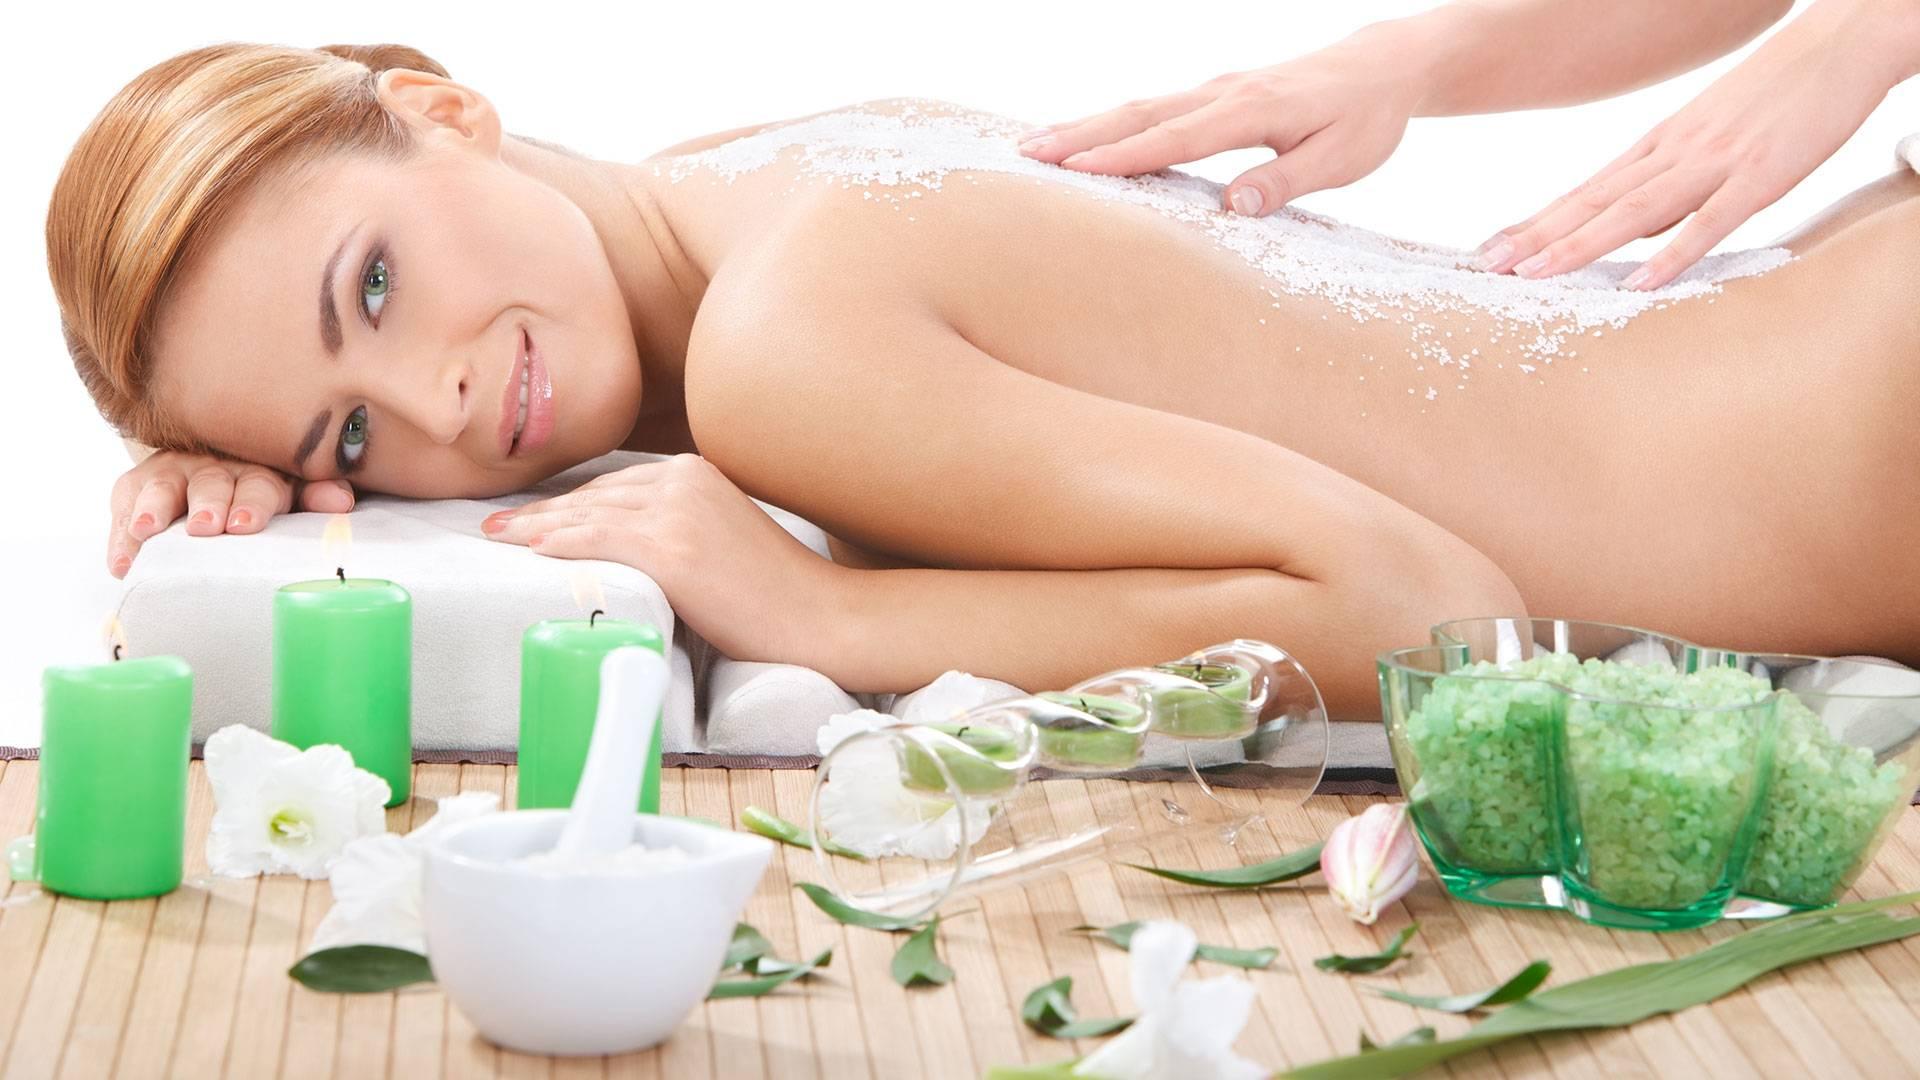 Пилинг тела в домашних условиях: правила проведения, лучшие рецепты